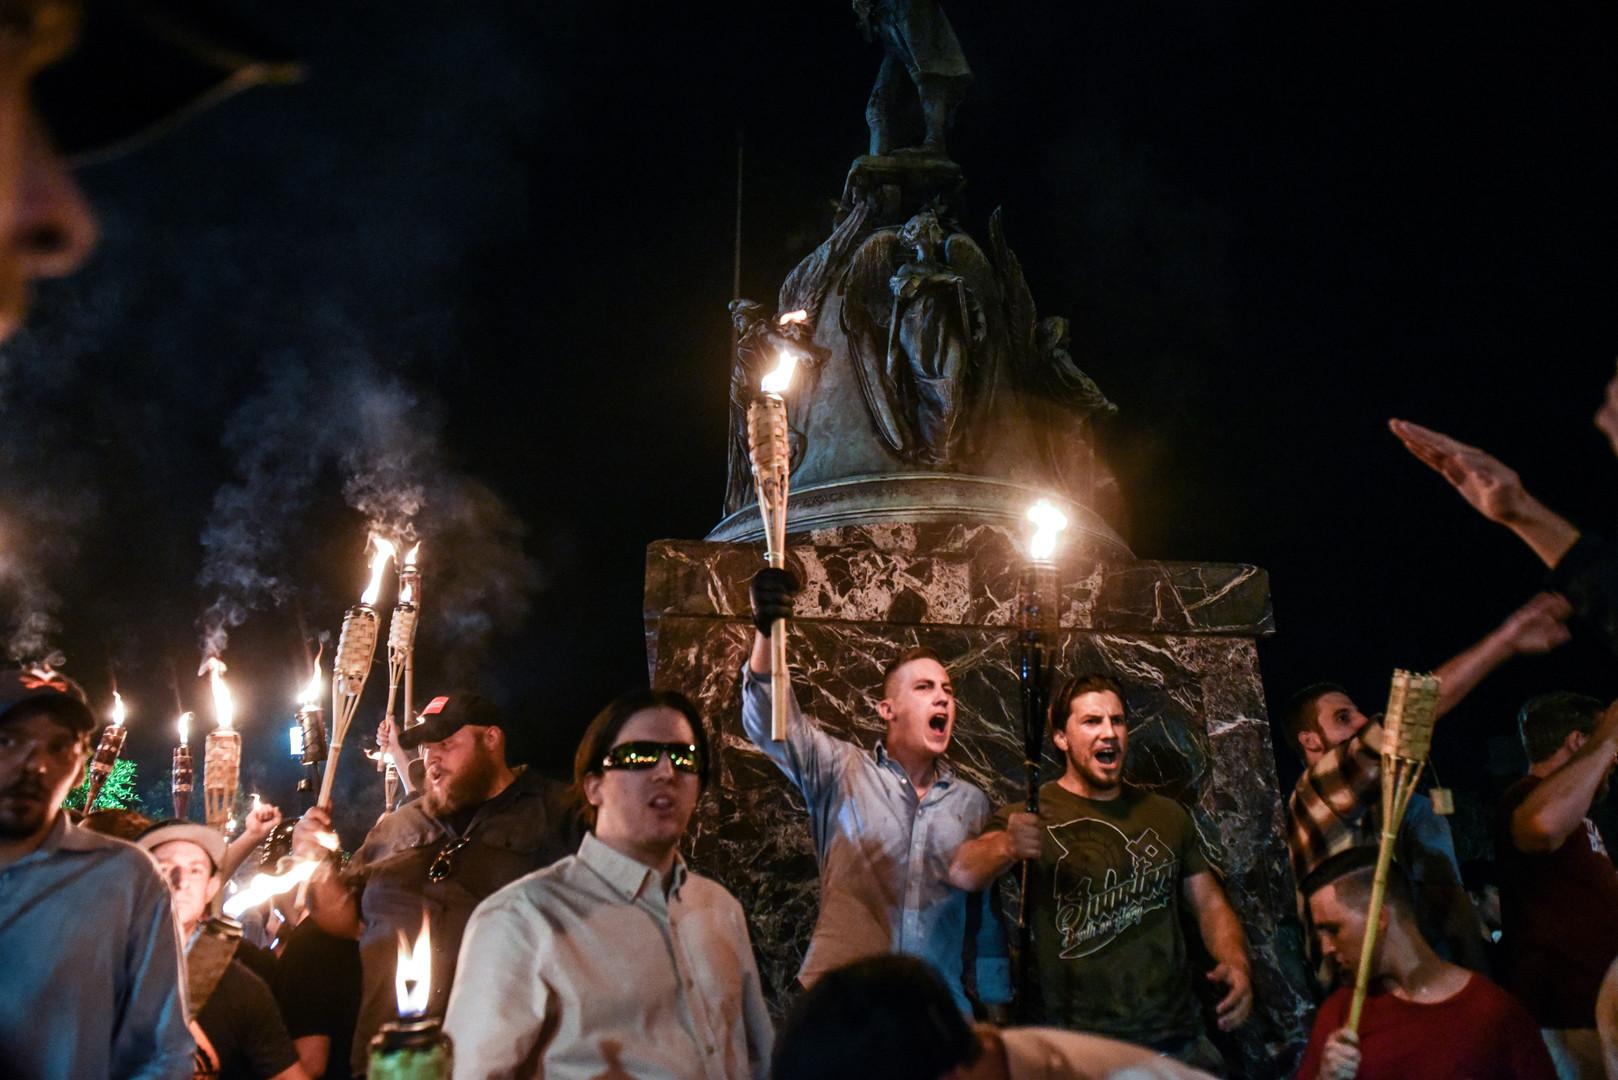 Weiße Nationalisten marschieren auf dem Gelände der Universität von Virginia, Charlottesville, USA, 11. August 2017.